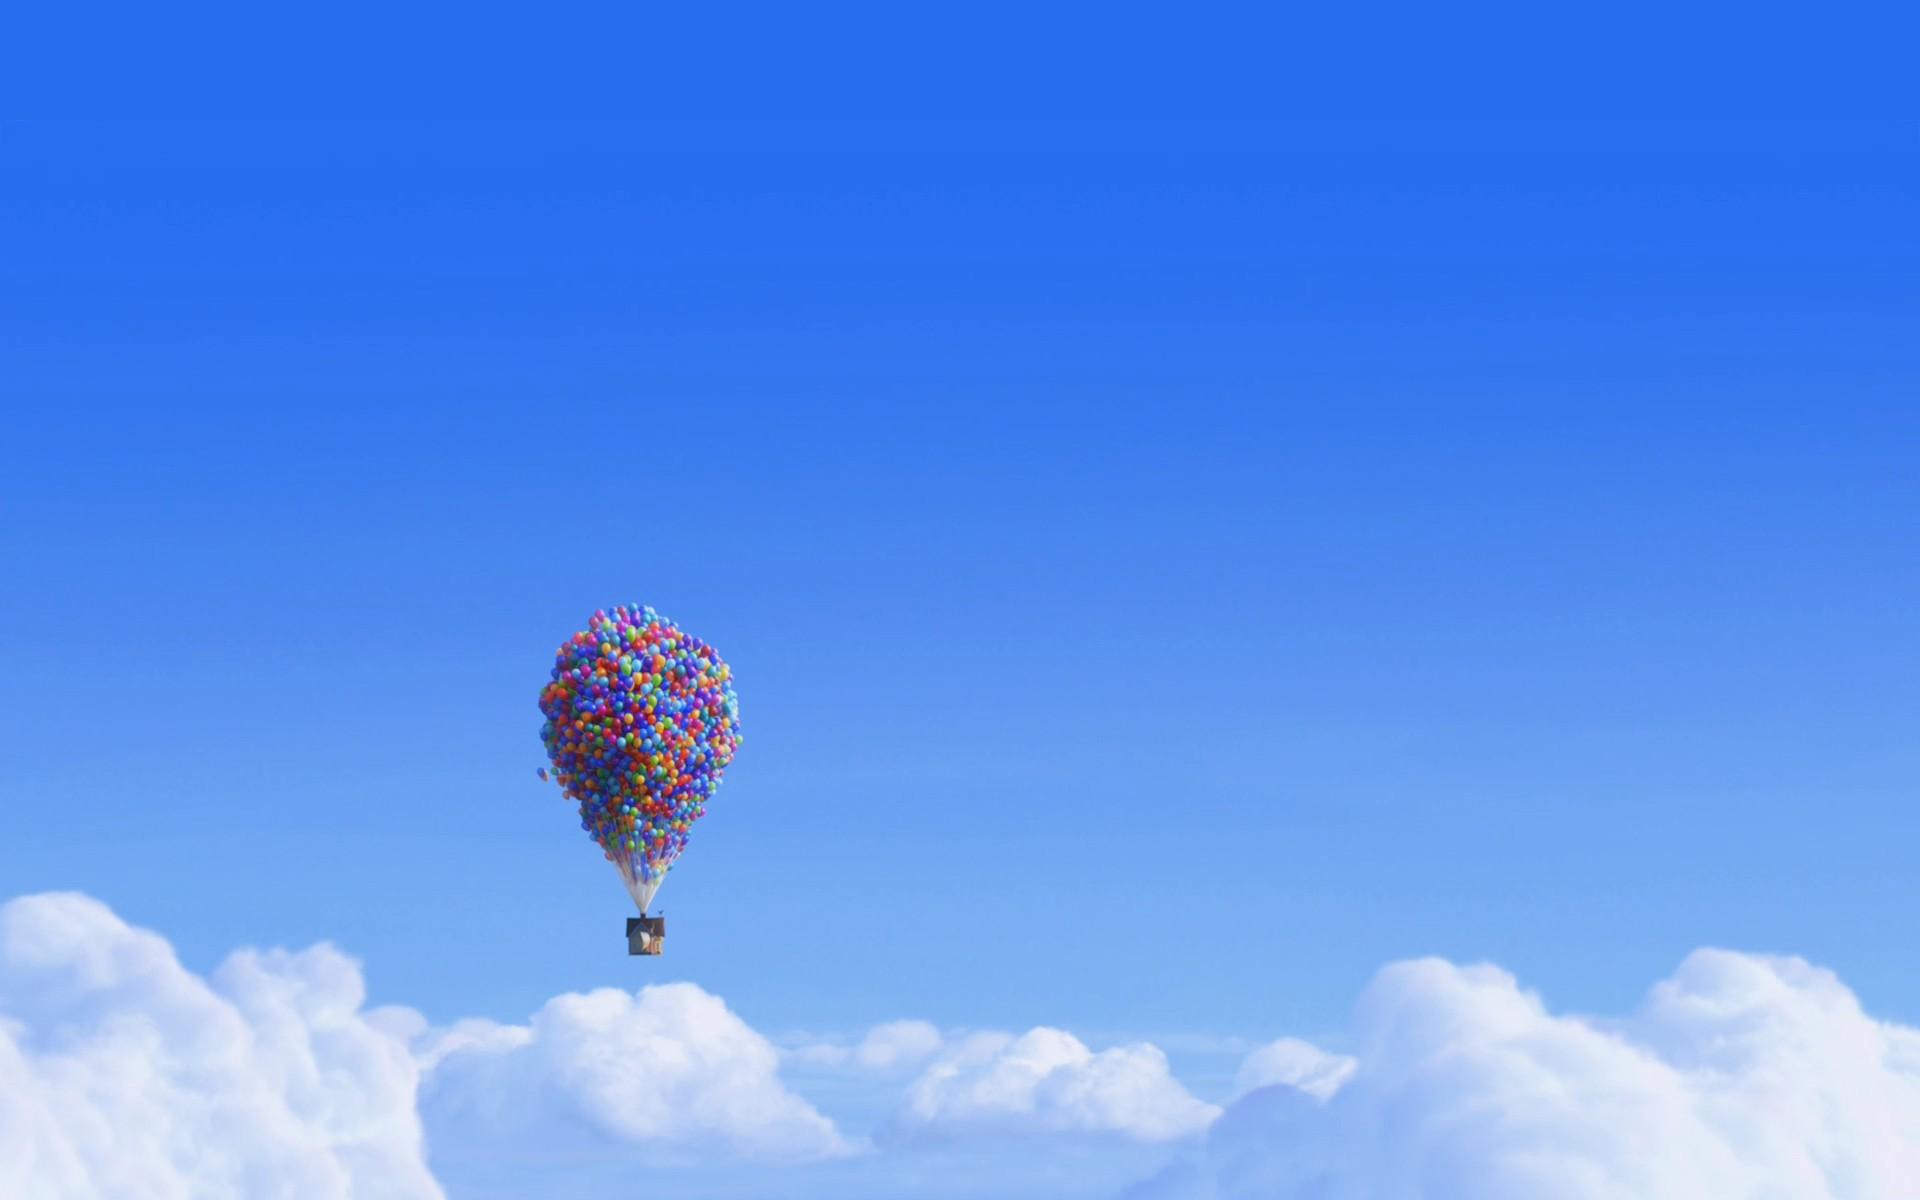 デスクトップ壁紙 車両 航空機 映画 青 熱気球 ウォルト